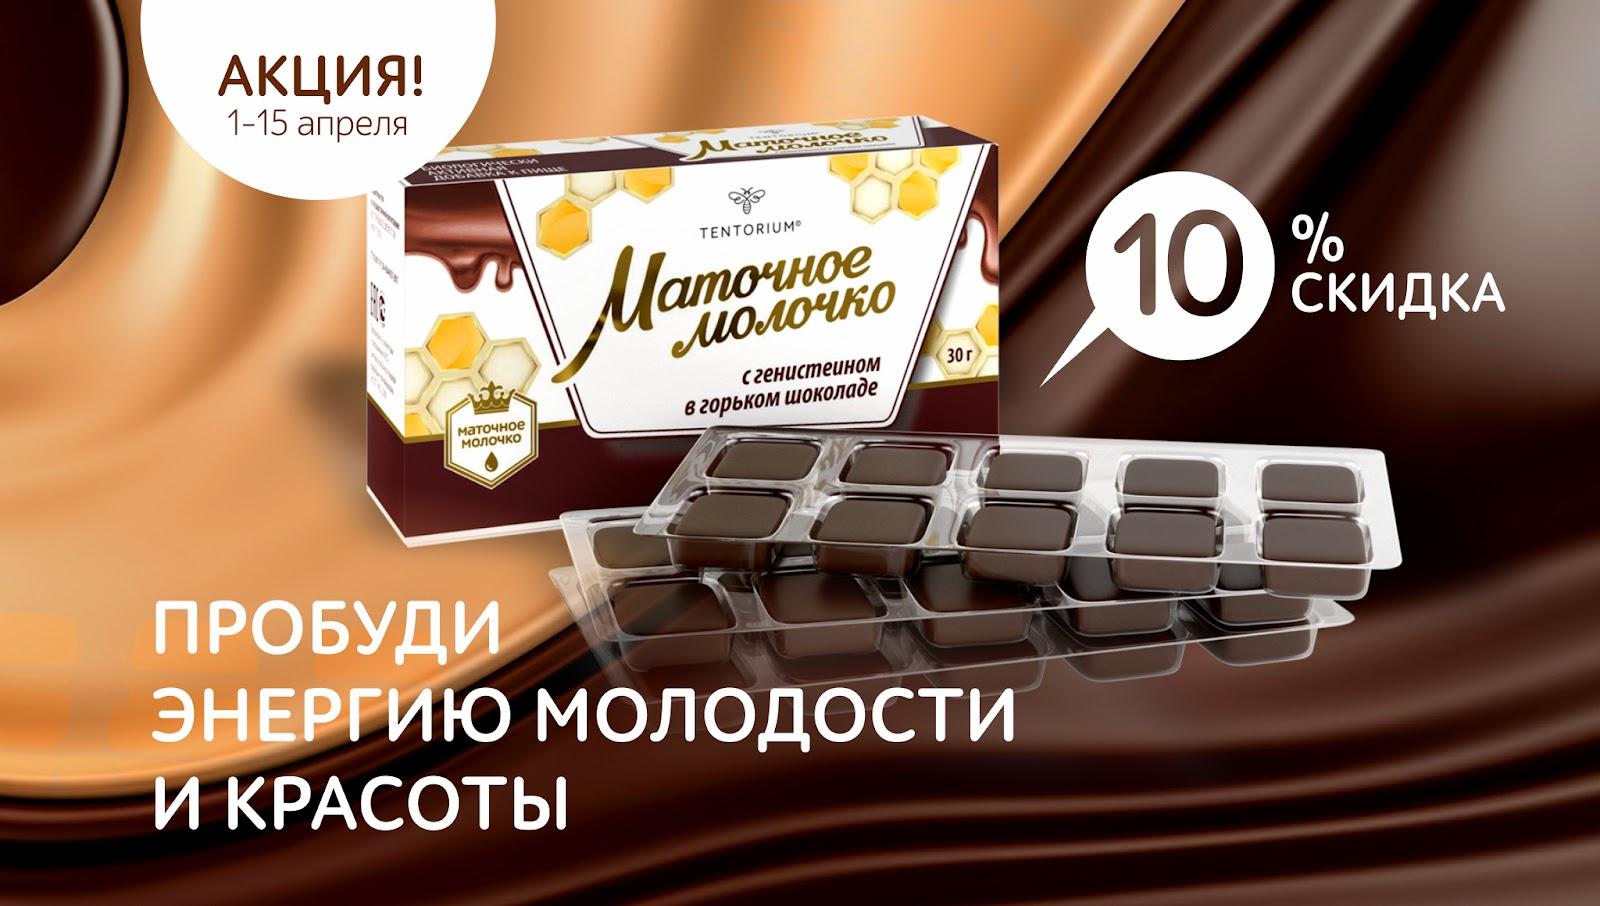 Акции апреля: скидки 15% на «Экстра-Бефунгин мягкий», «Х.И.П Сезона», коллекционный мёд и бесплатная доставка